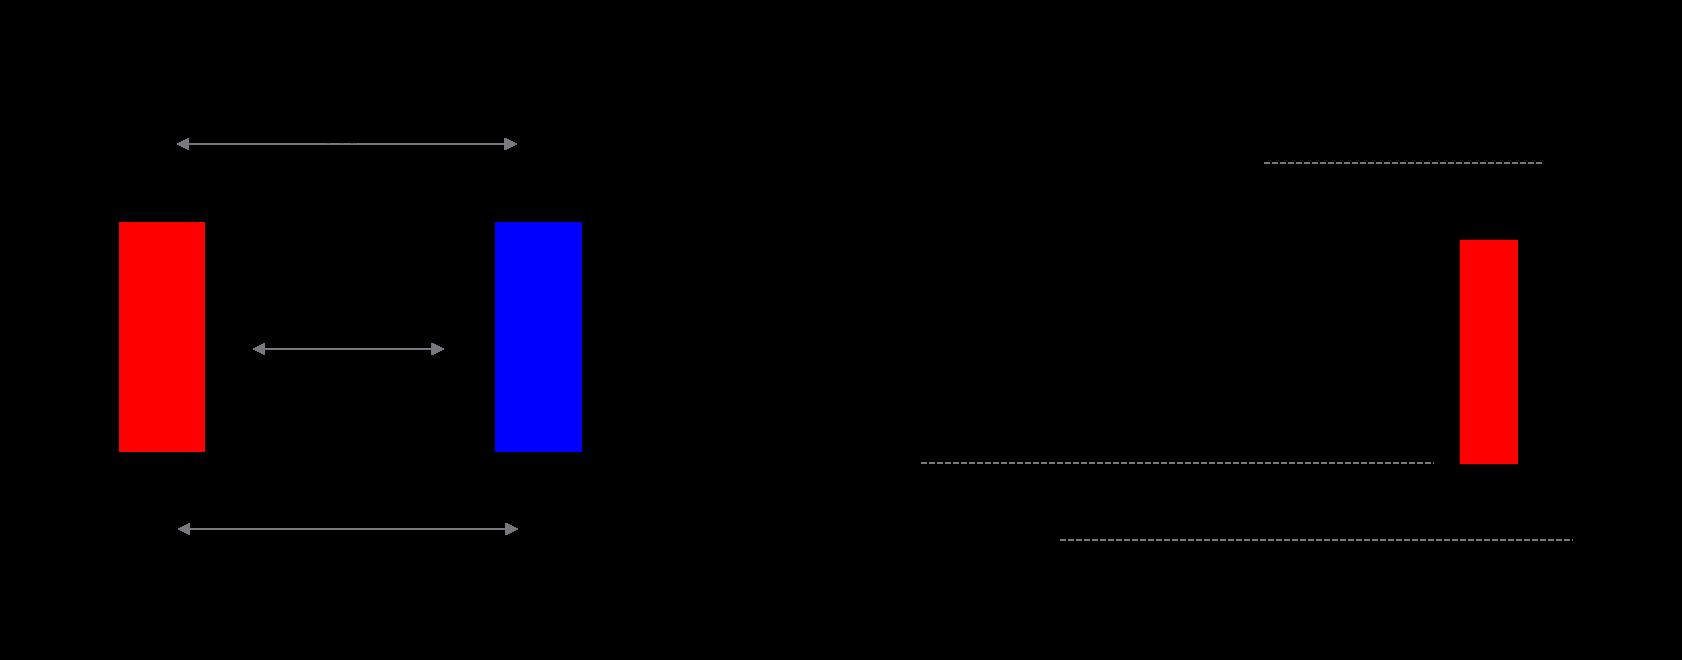 ローソク足チャートとは?実は日本人が考案したグラフ